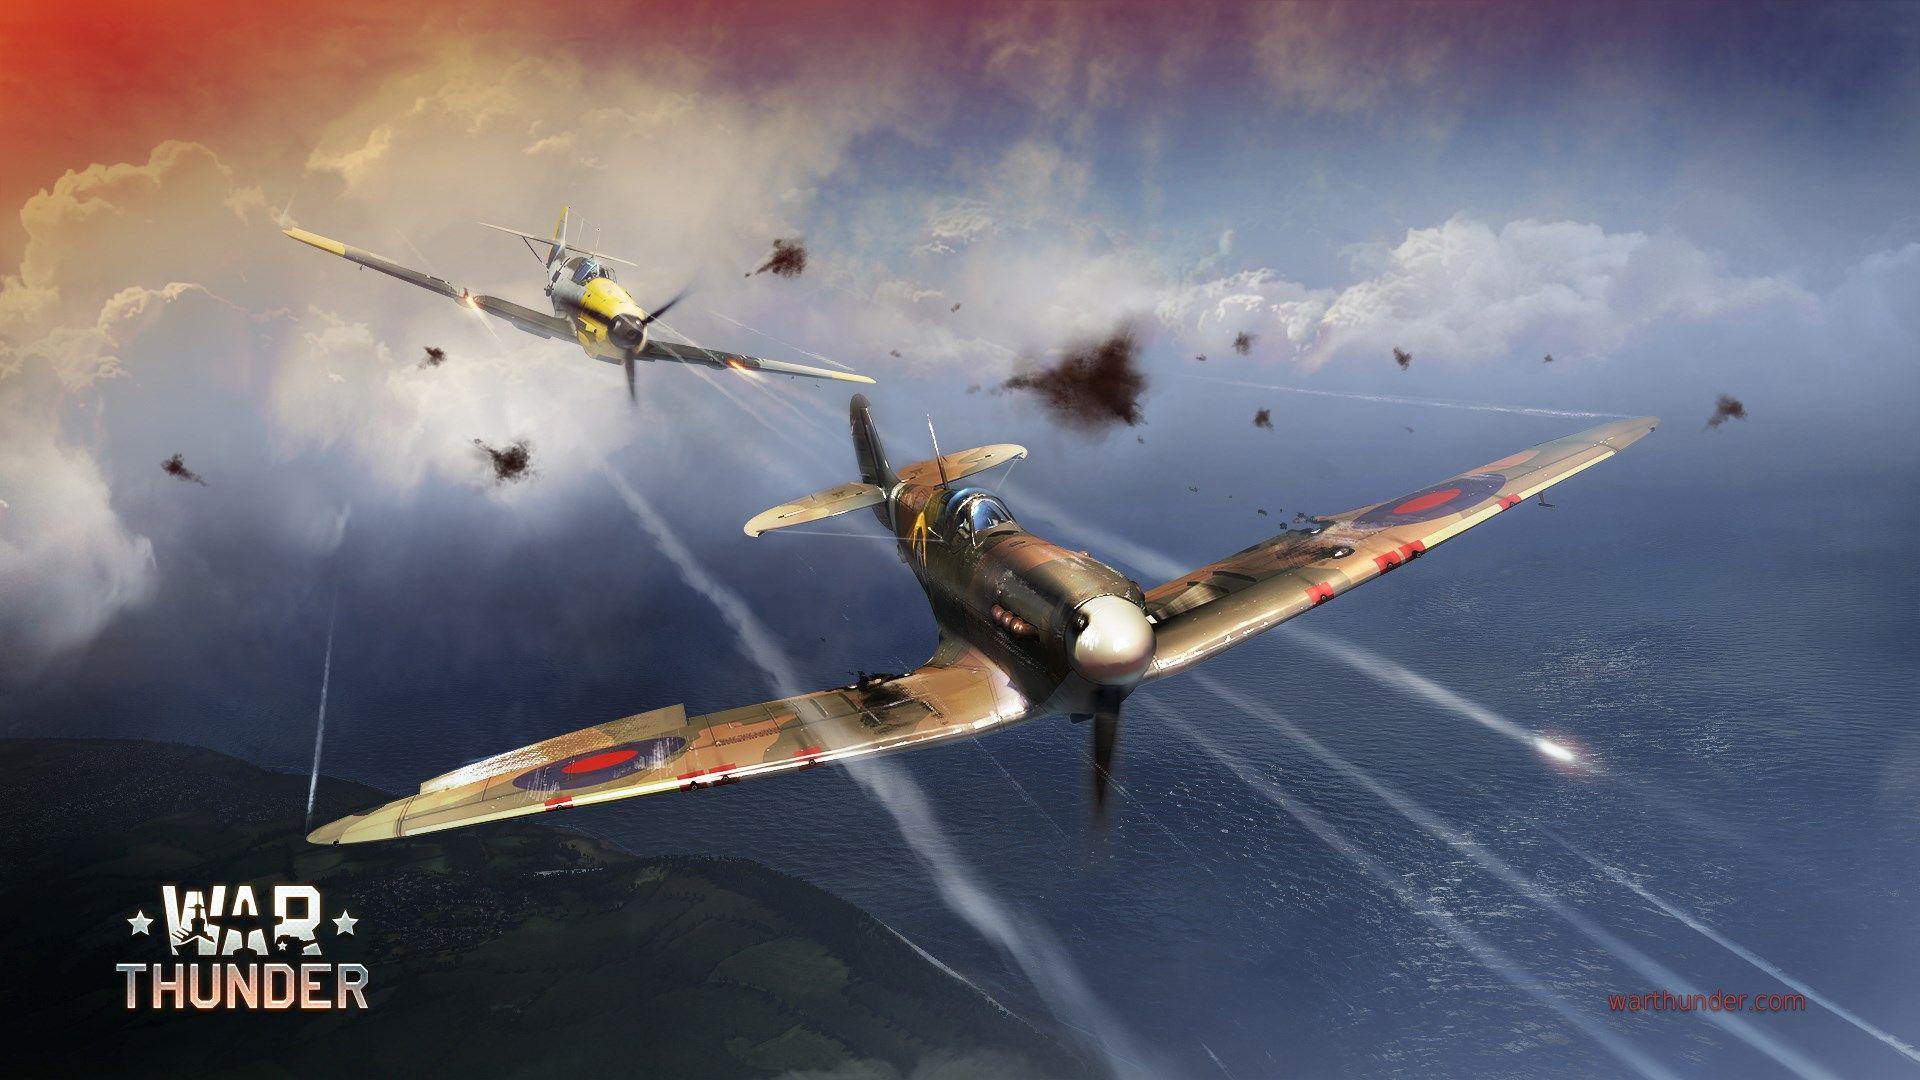 Обои german airplane, ww2, painting.aviation, Fw 190 d-9, bomber hunter, war. Авиация foto 13